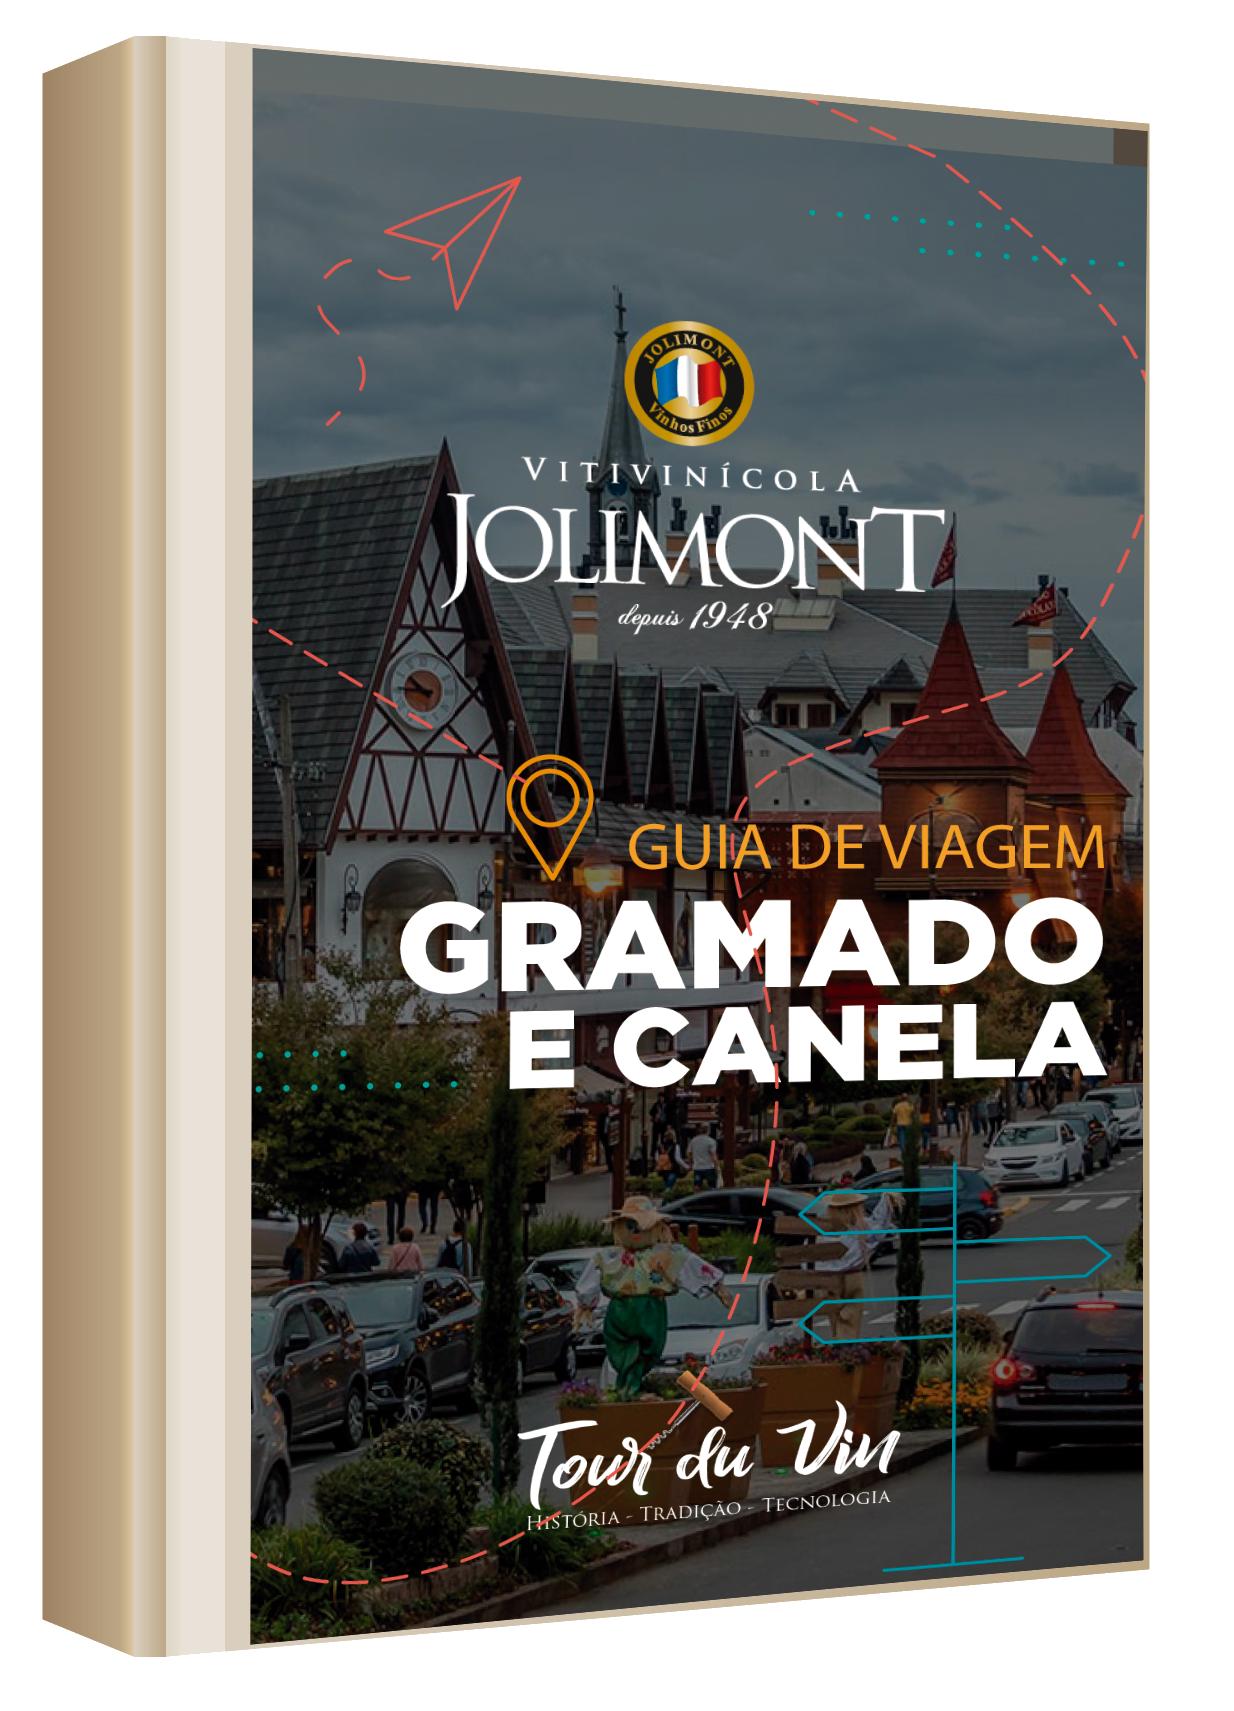 Guia de Viagem Gramado e Canela